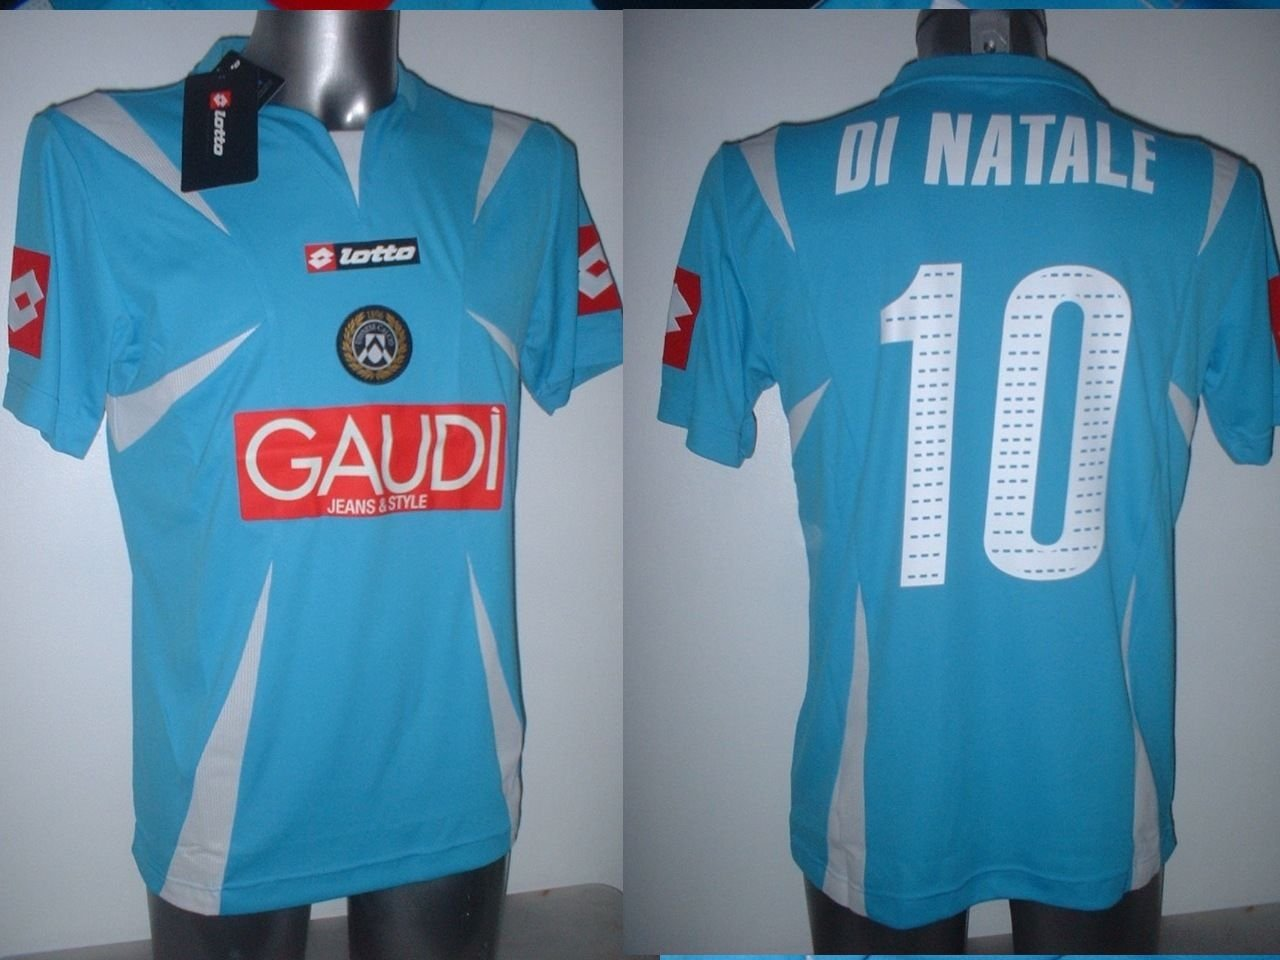 UDI Nese BNWT adulti grande di Natale Lotto Shirt Jersey Calcio Pullover Maglia Top Italia Italia